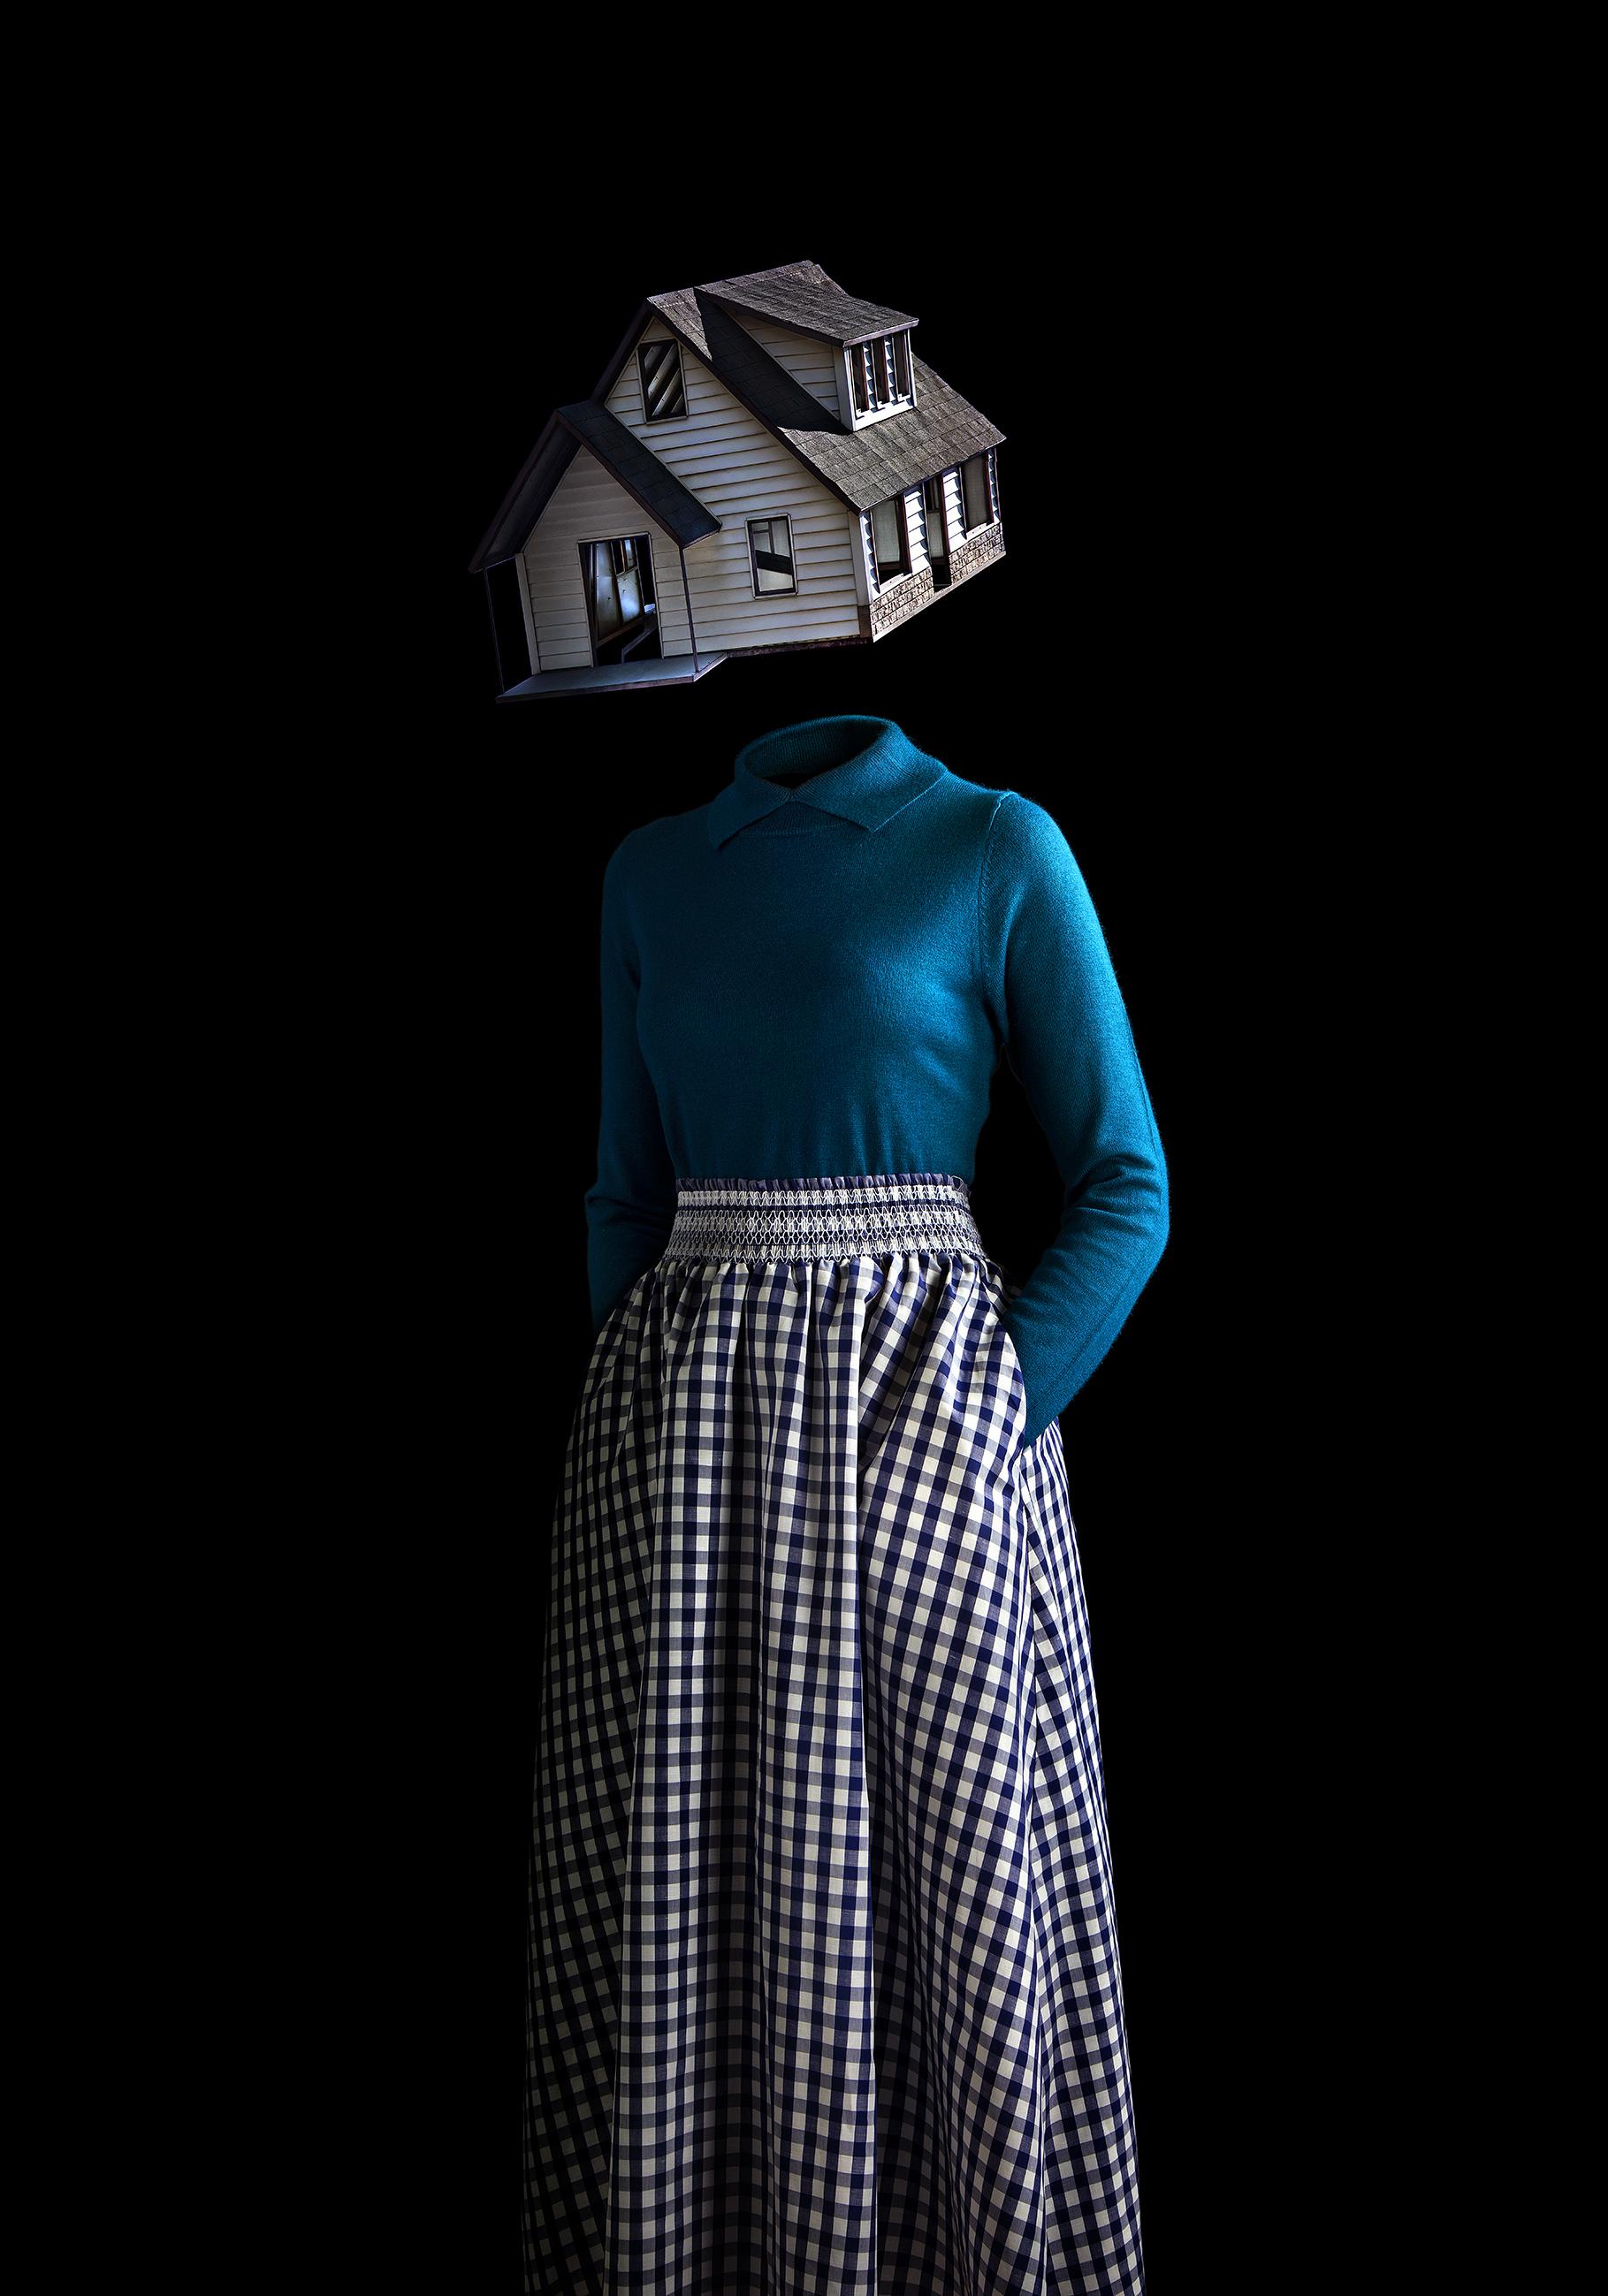 Ceci n'est pas une maison